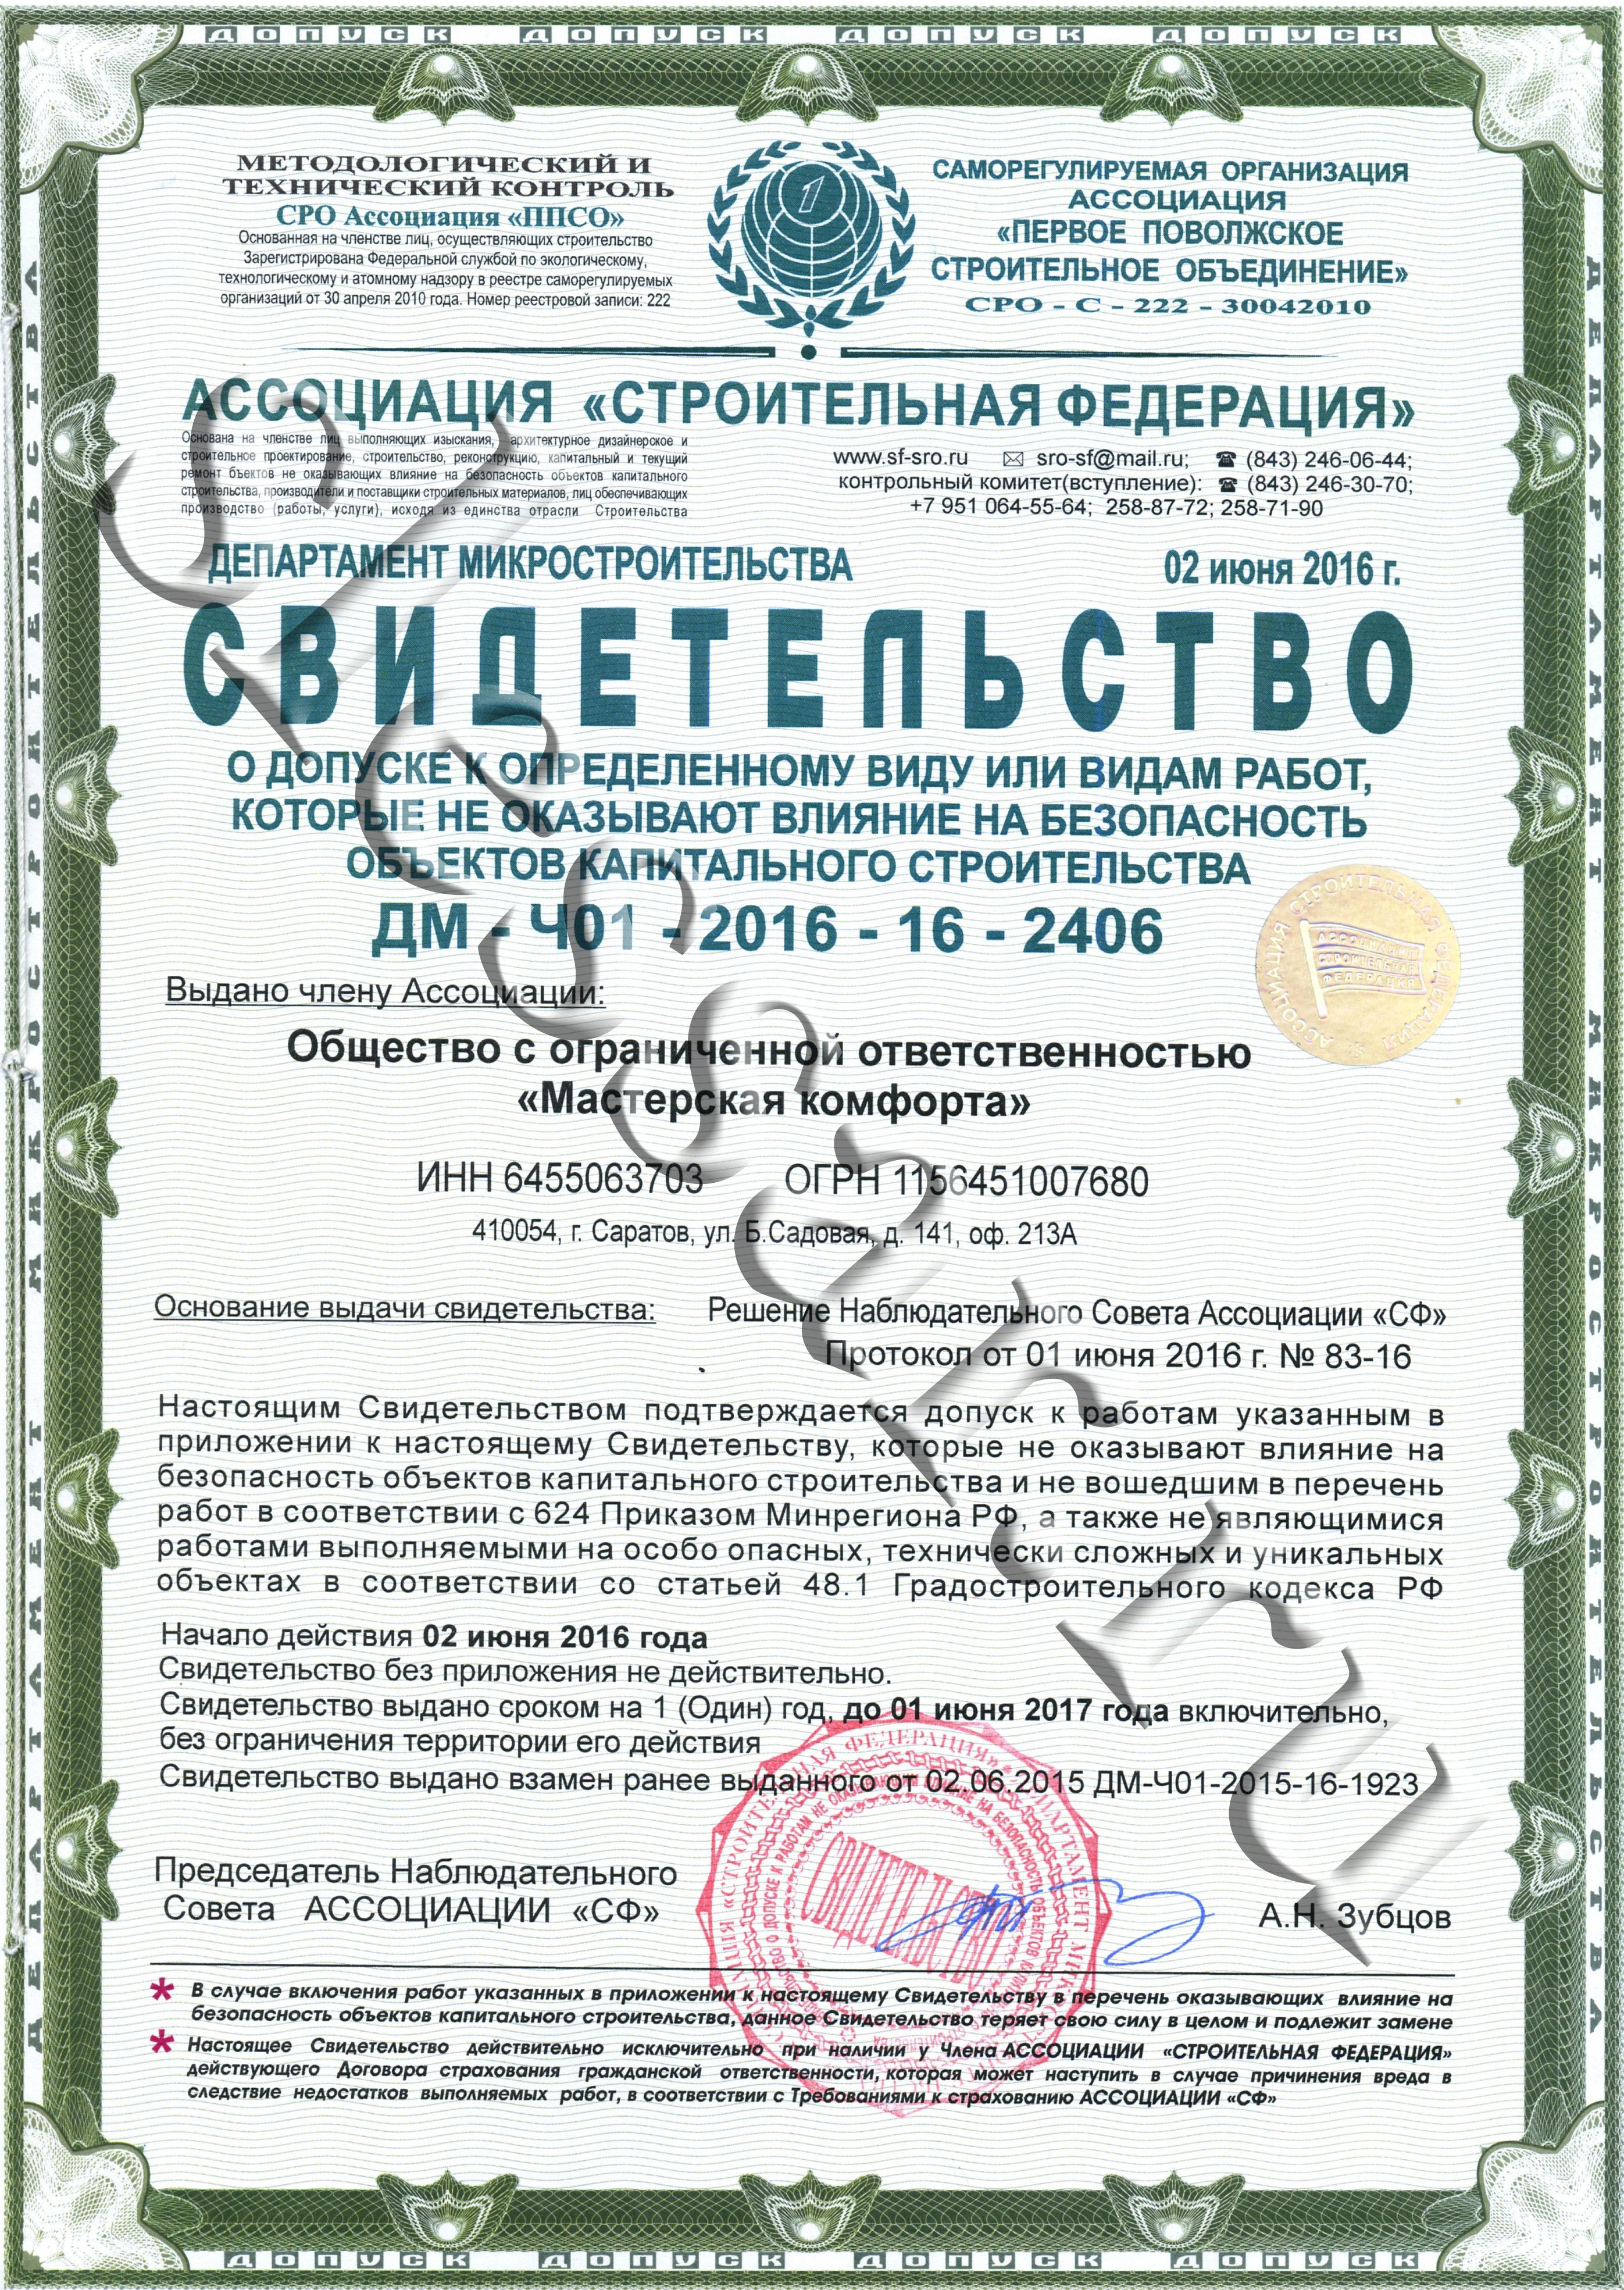 kak-uluchshit-potentsiyu-smetanoy